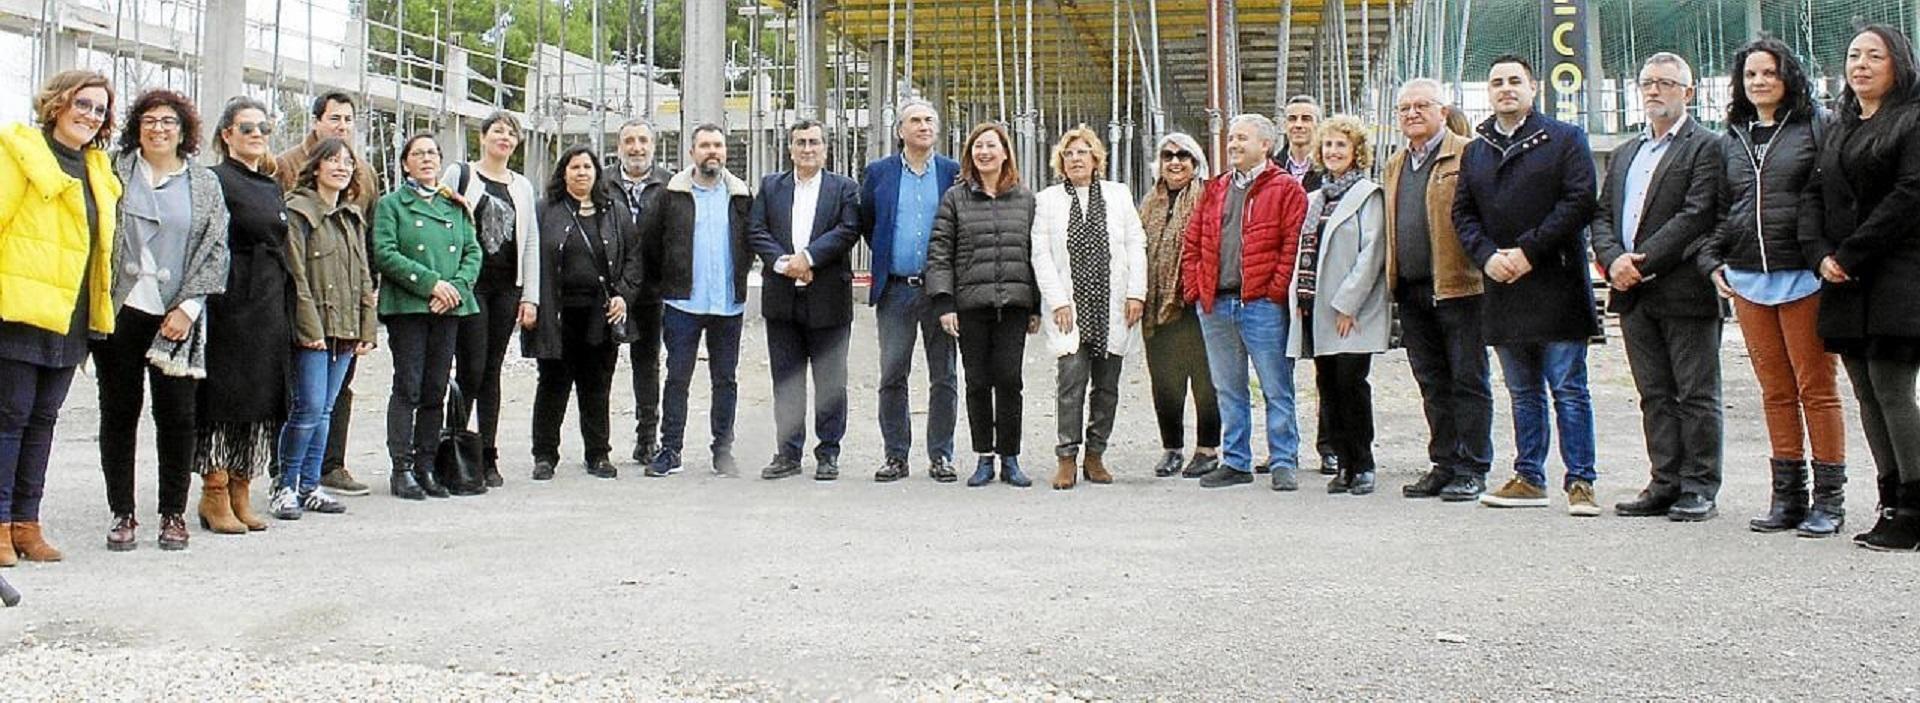 Ajuntament de Pollença at the school site.